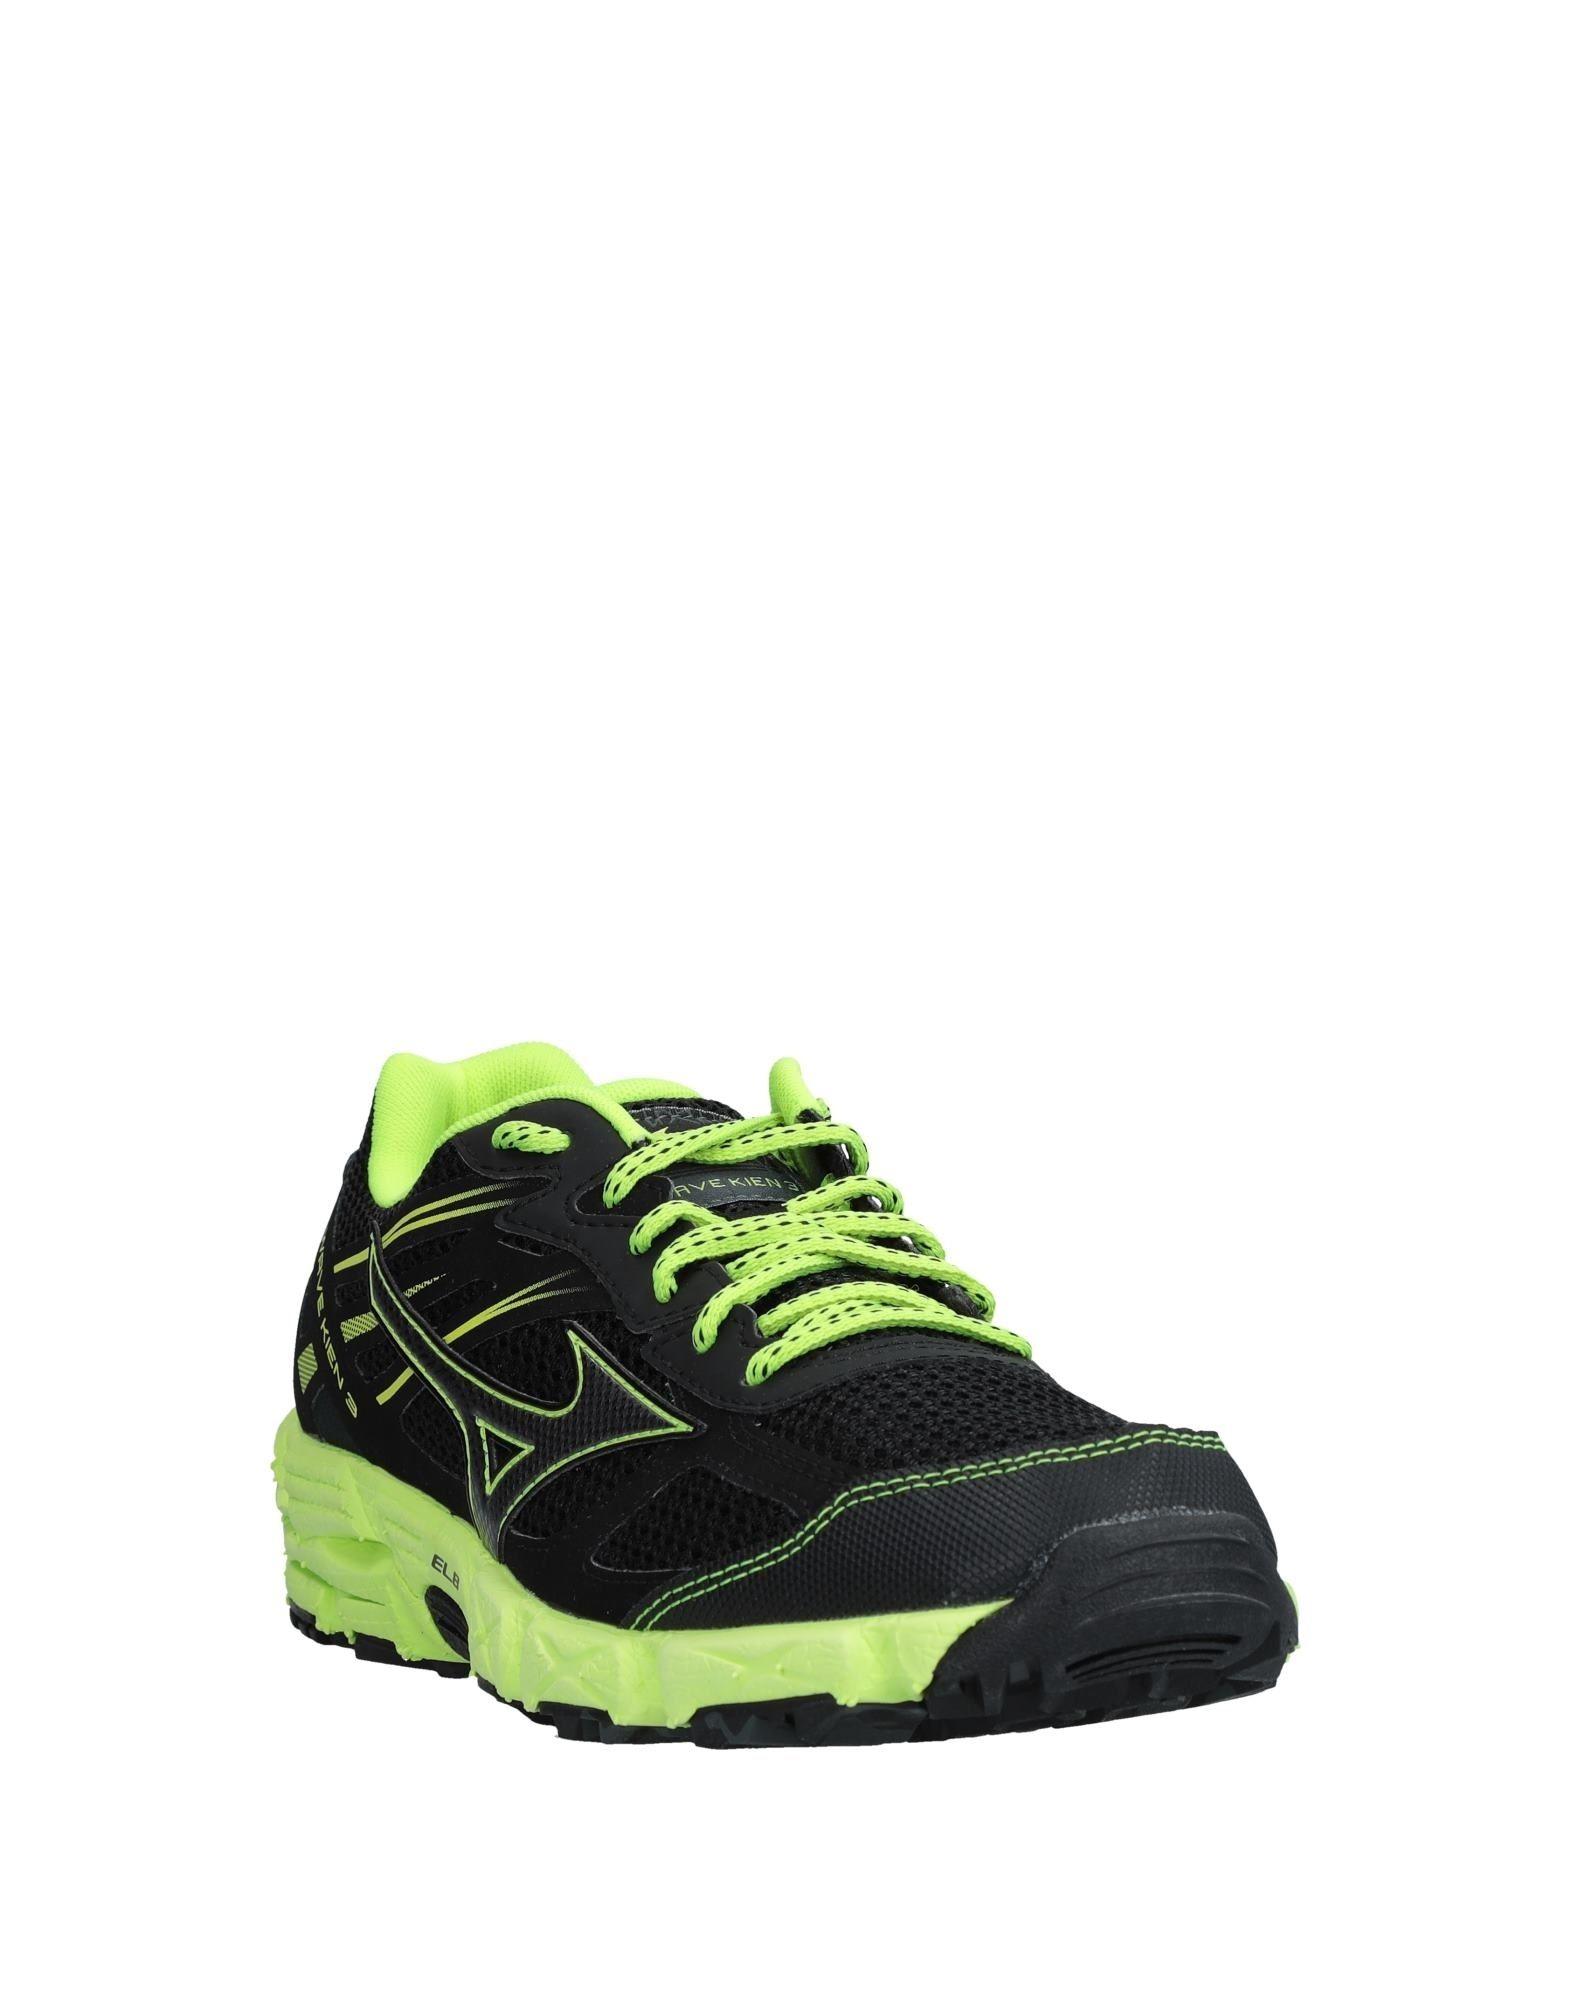 Mizuno Sneakers Herren Herren Sneakers  11541898NP a66343